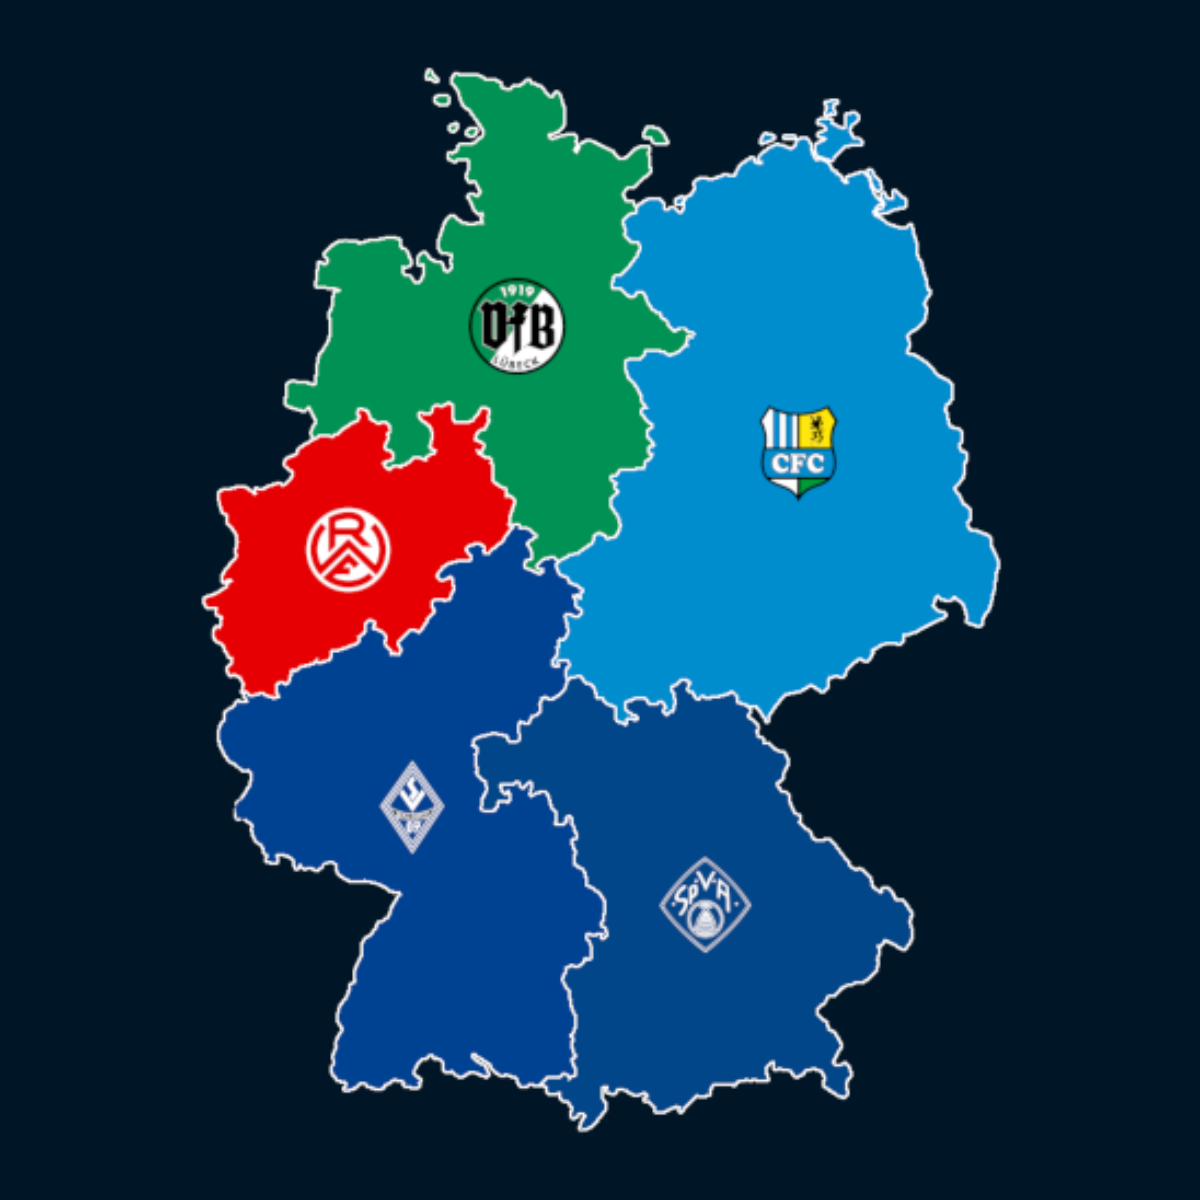 Landkarte: Regionalligen-Zuschauerschnitt